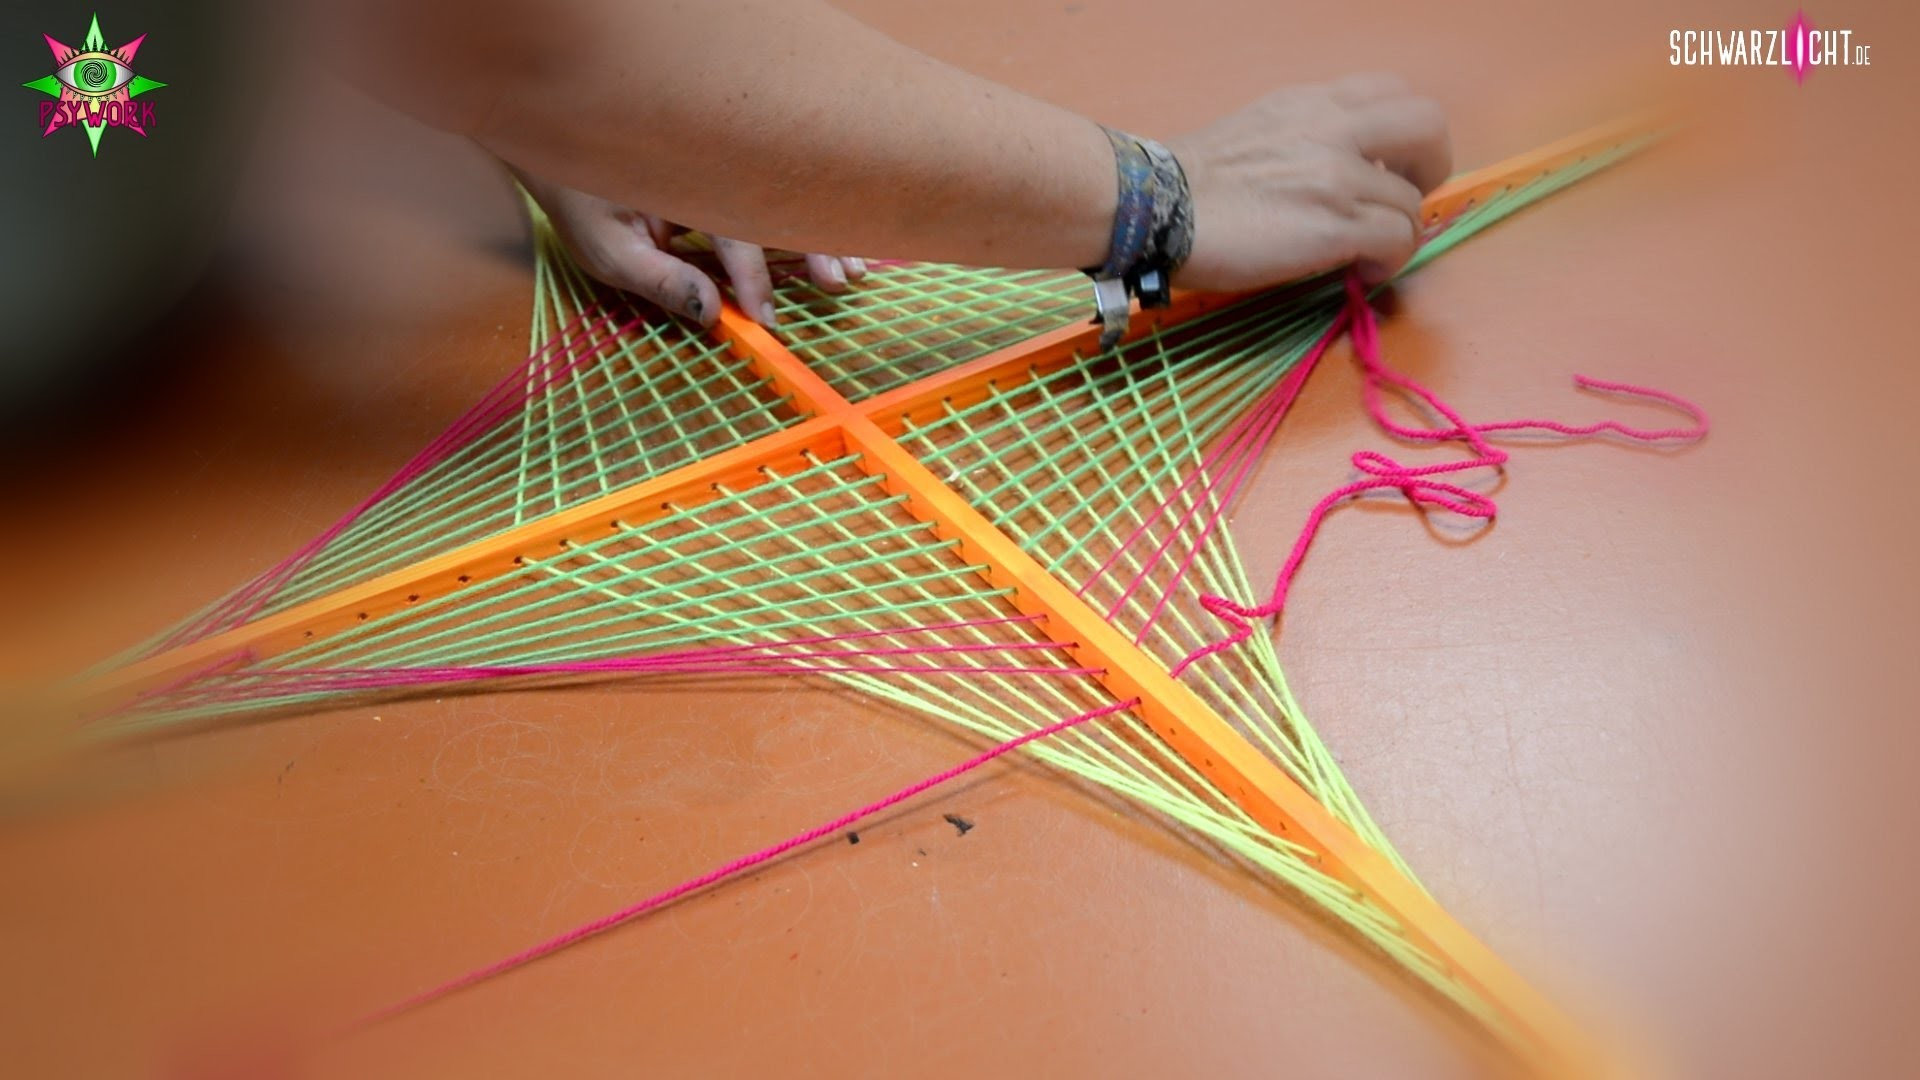 diy making of schwarzlicht stringart yarn art deko papagei. Black Bedroom Furniture Sets. Home Design Ideas